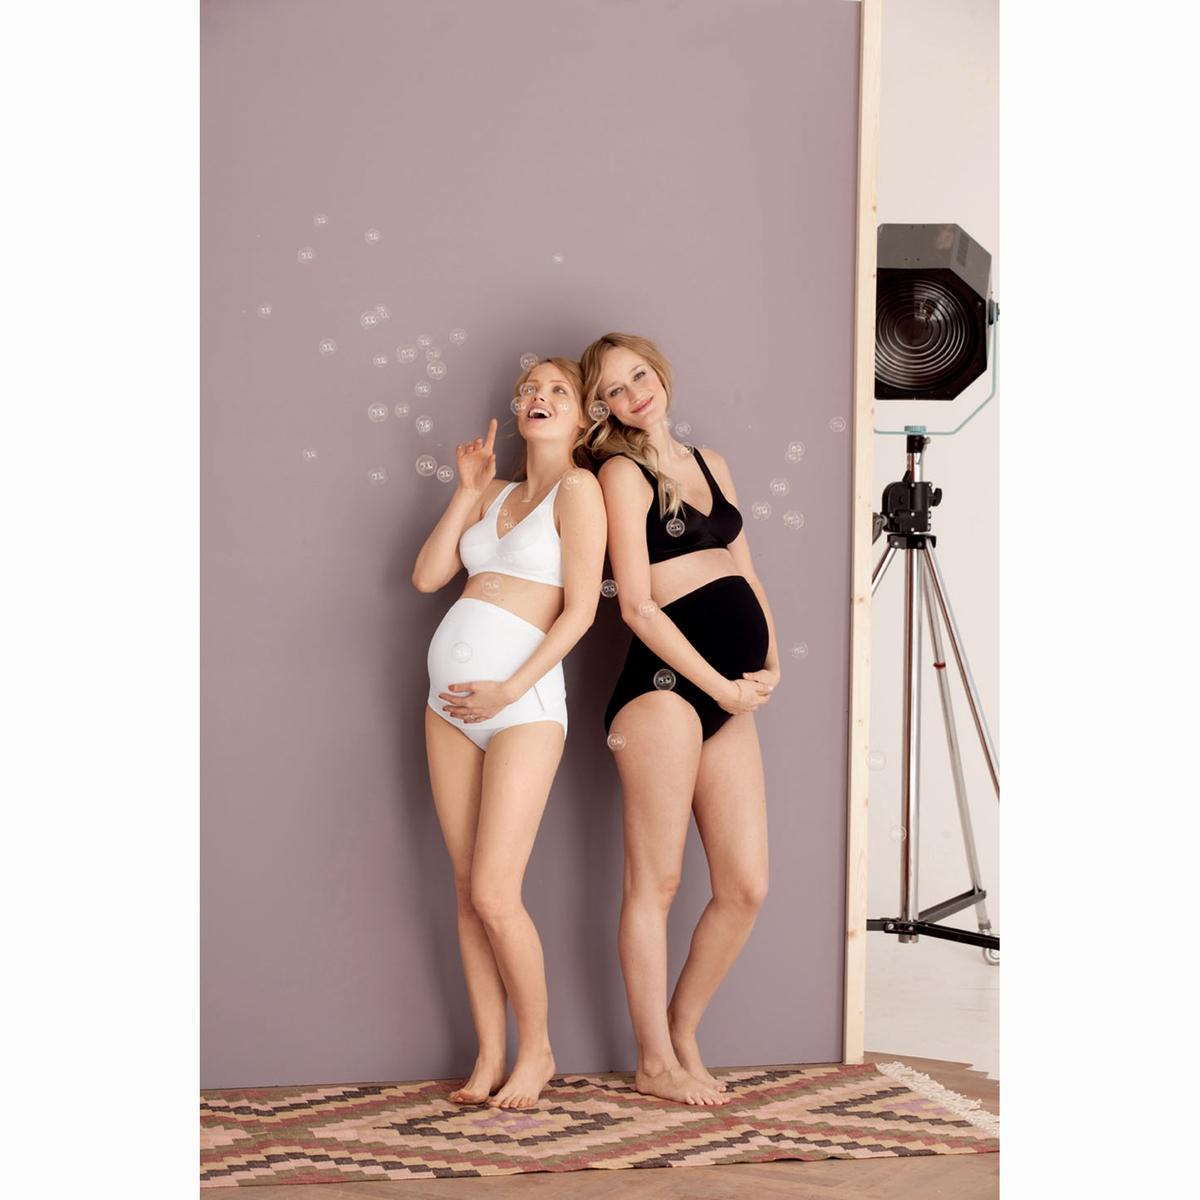 Бюстгальтер для беременных без косточек, BasicШирокие бретели на подкладке не оставляют следов на коже и дают ощущение мягкости.Эластичная и регулируемая задняя часть, 3 позиции.    Состав и описание :  Материал : микрофибра, 80% полиамида, 20% эластана  Бренд : ANITA Maternity    Уход :  Машинная стирка при 30° в мешке-сетке<br><br>Цвет: черный<br>Размер: 100 B (FR) - 85 B (RUS)